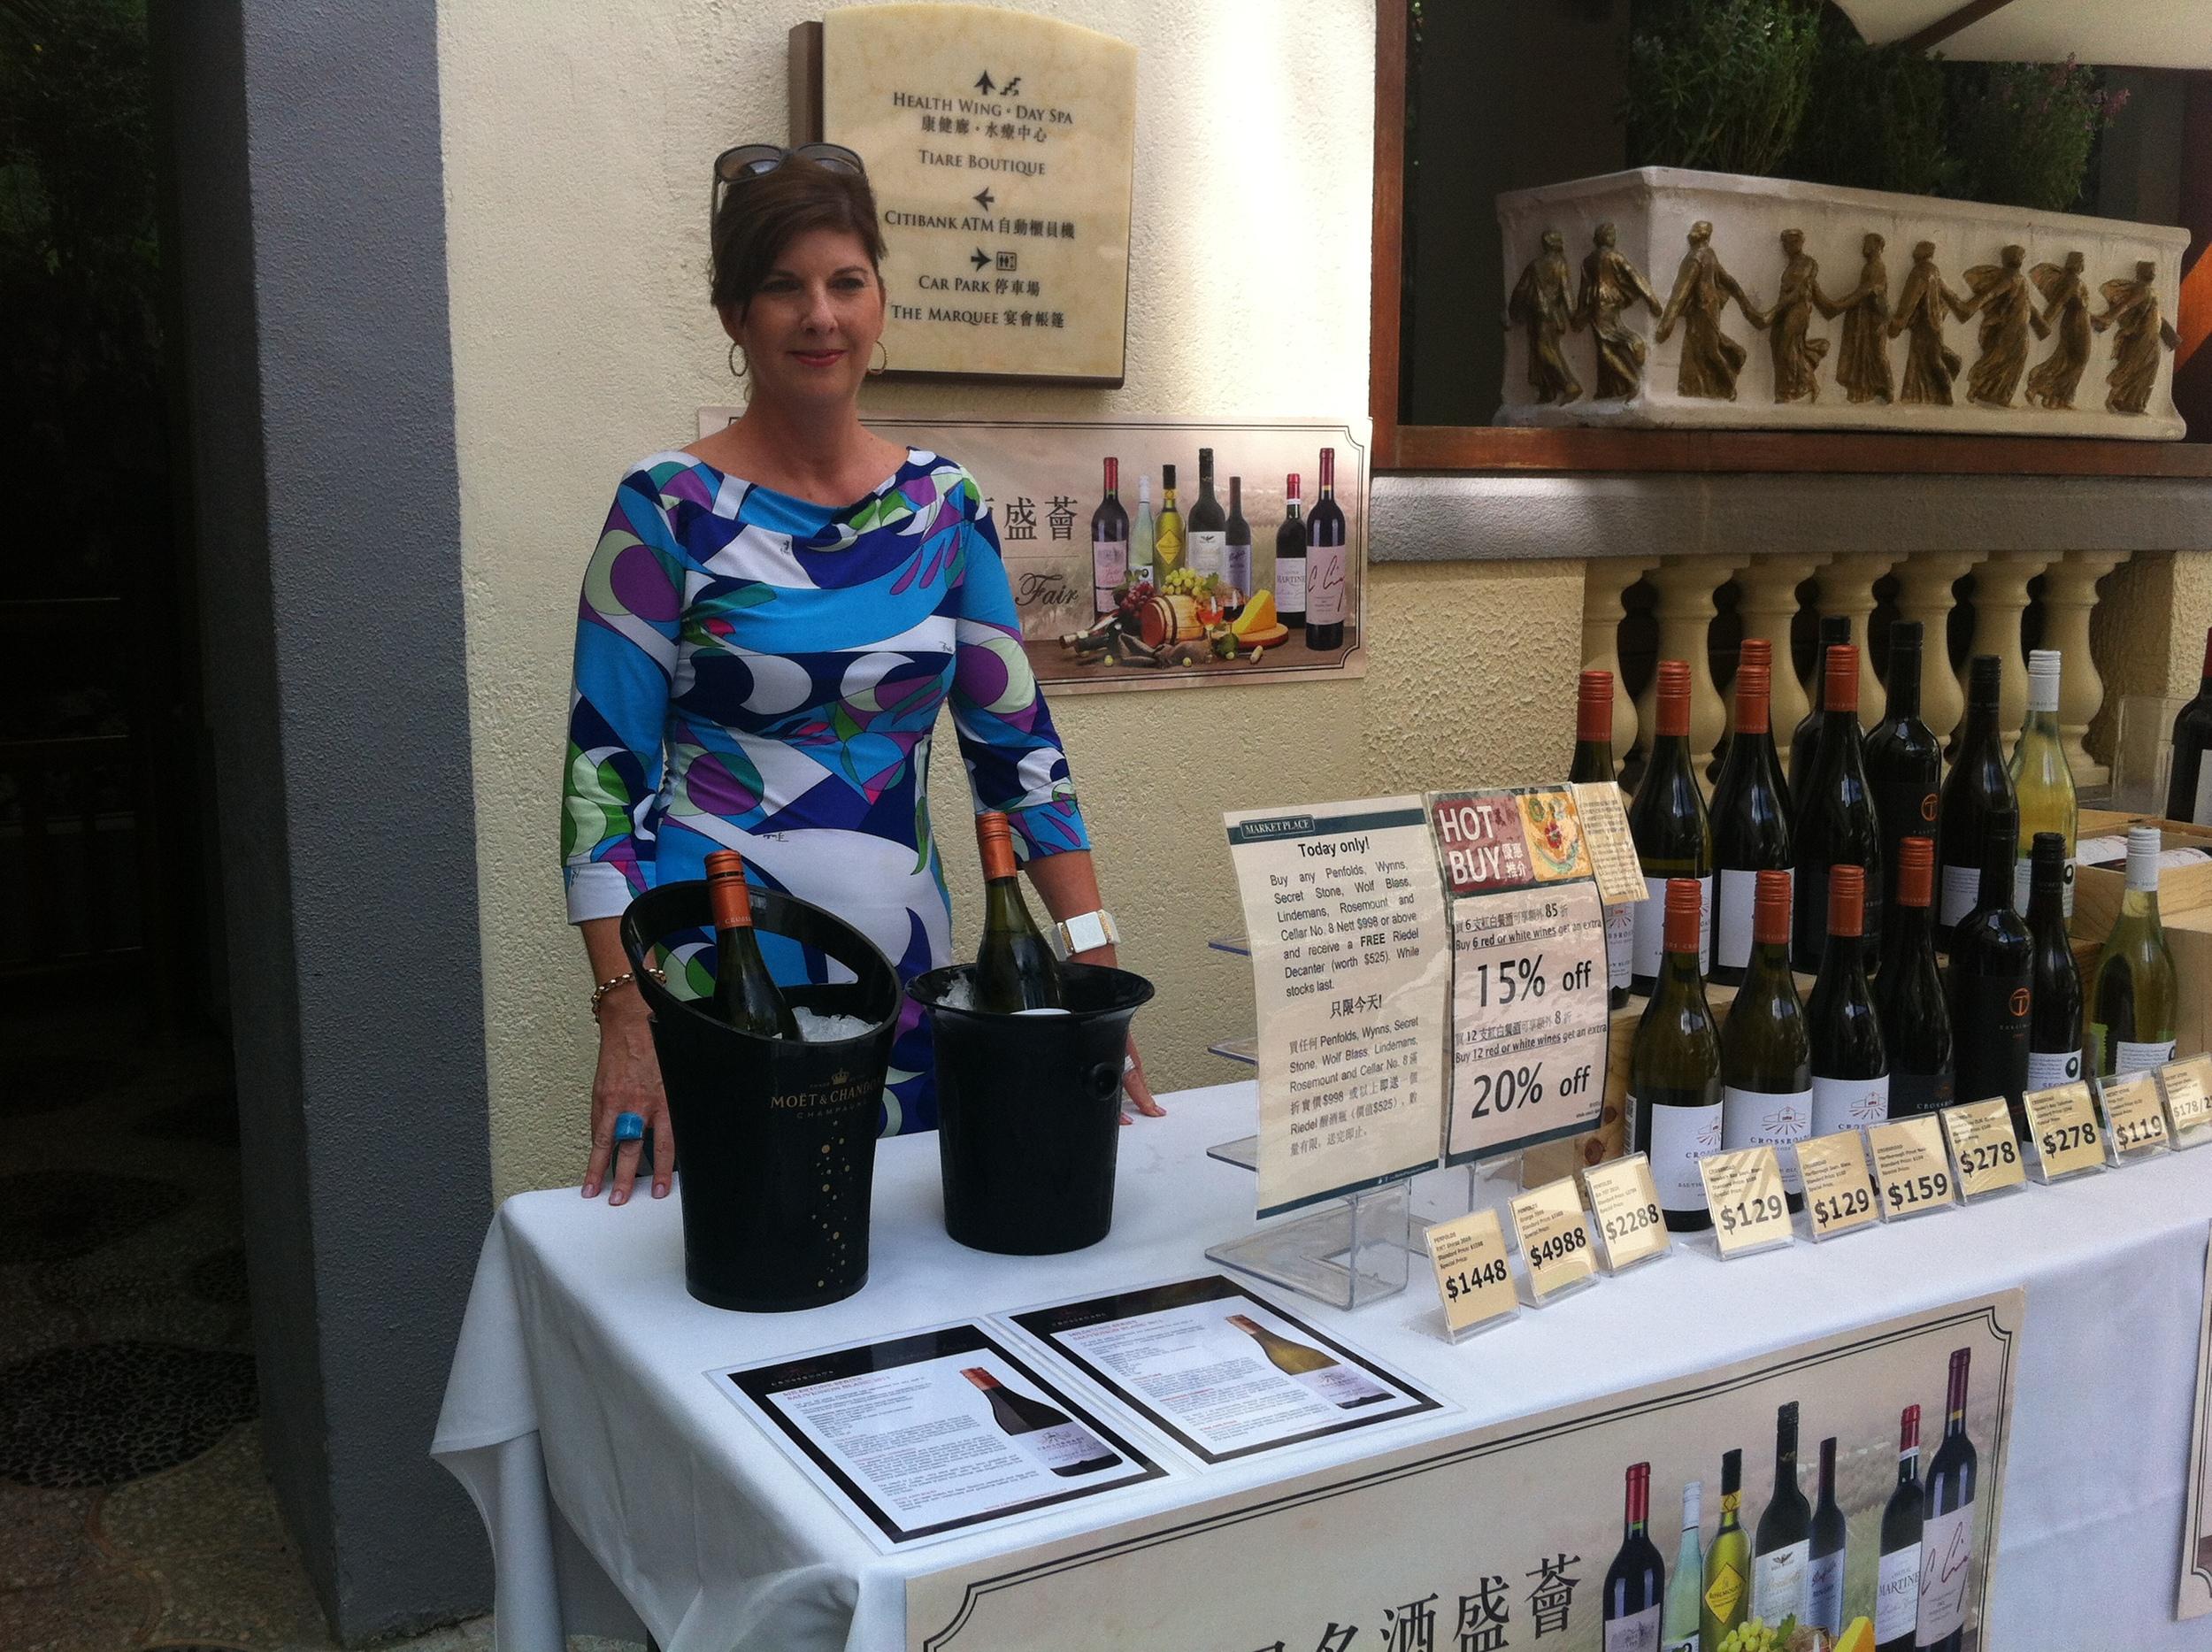 NZ Promotion - Market Place by Jasons, Repulse Bay - July 2014